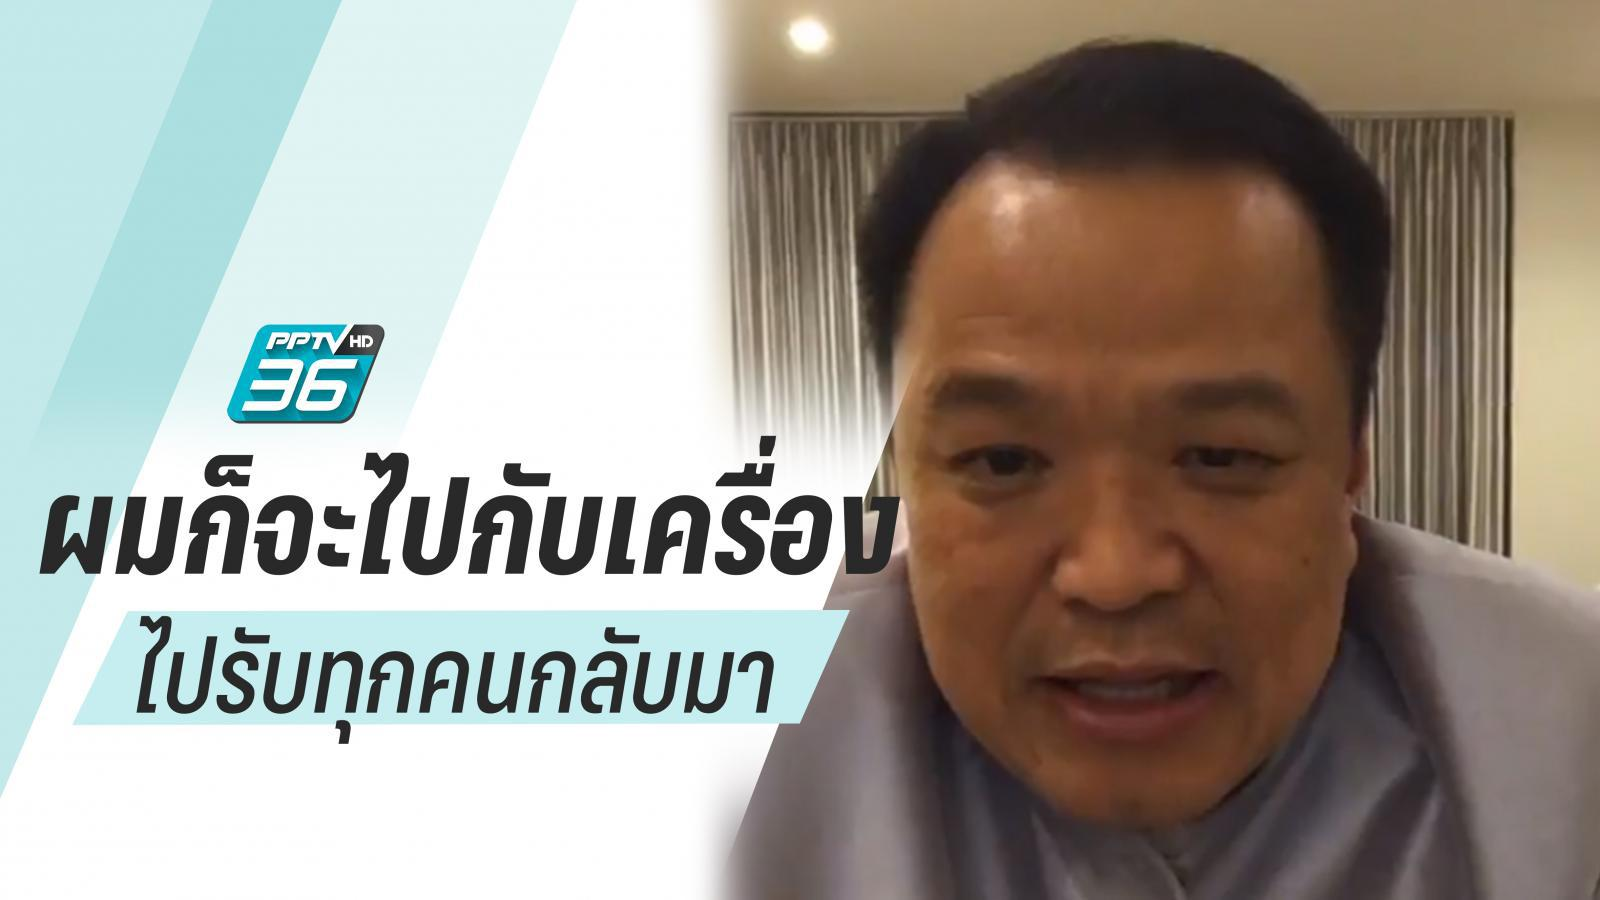 """ไวรัสโคโรนา: """"อนุทิน"""" ไม่กลัวจะขอบินไปรับคนไทยในอู่ฮั่น ไม่ยอมทิ้งใครแน่นอน"""